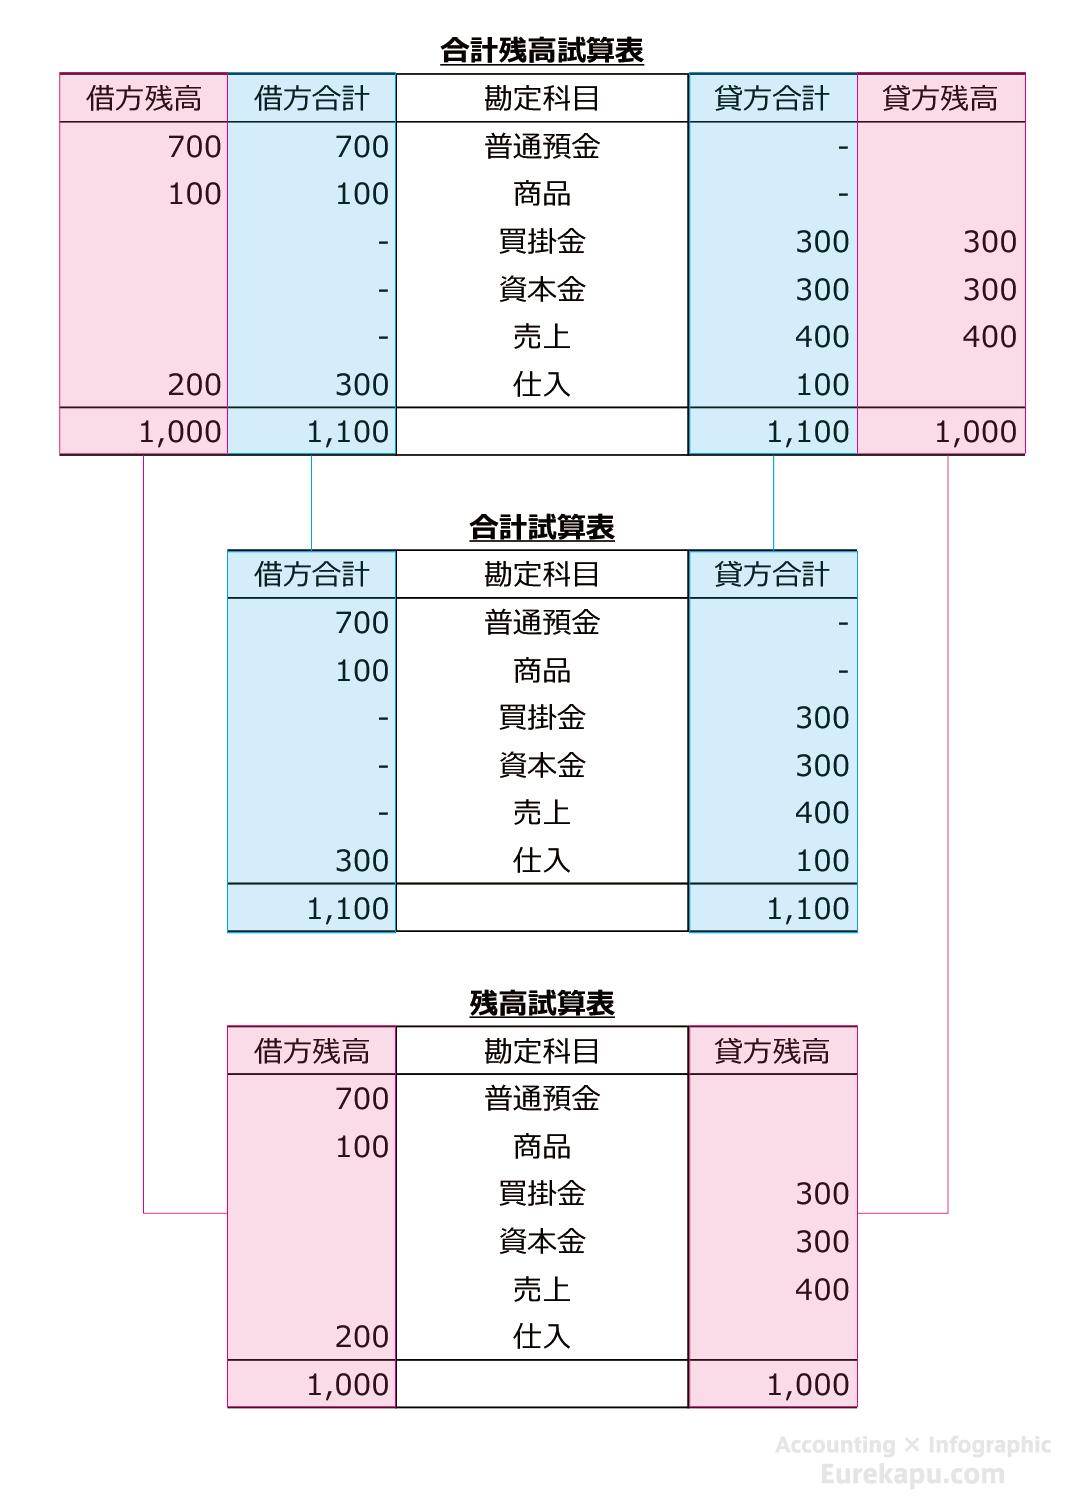 簿記の流れと残高試算表の図です